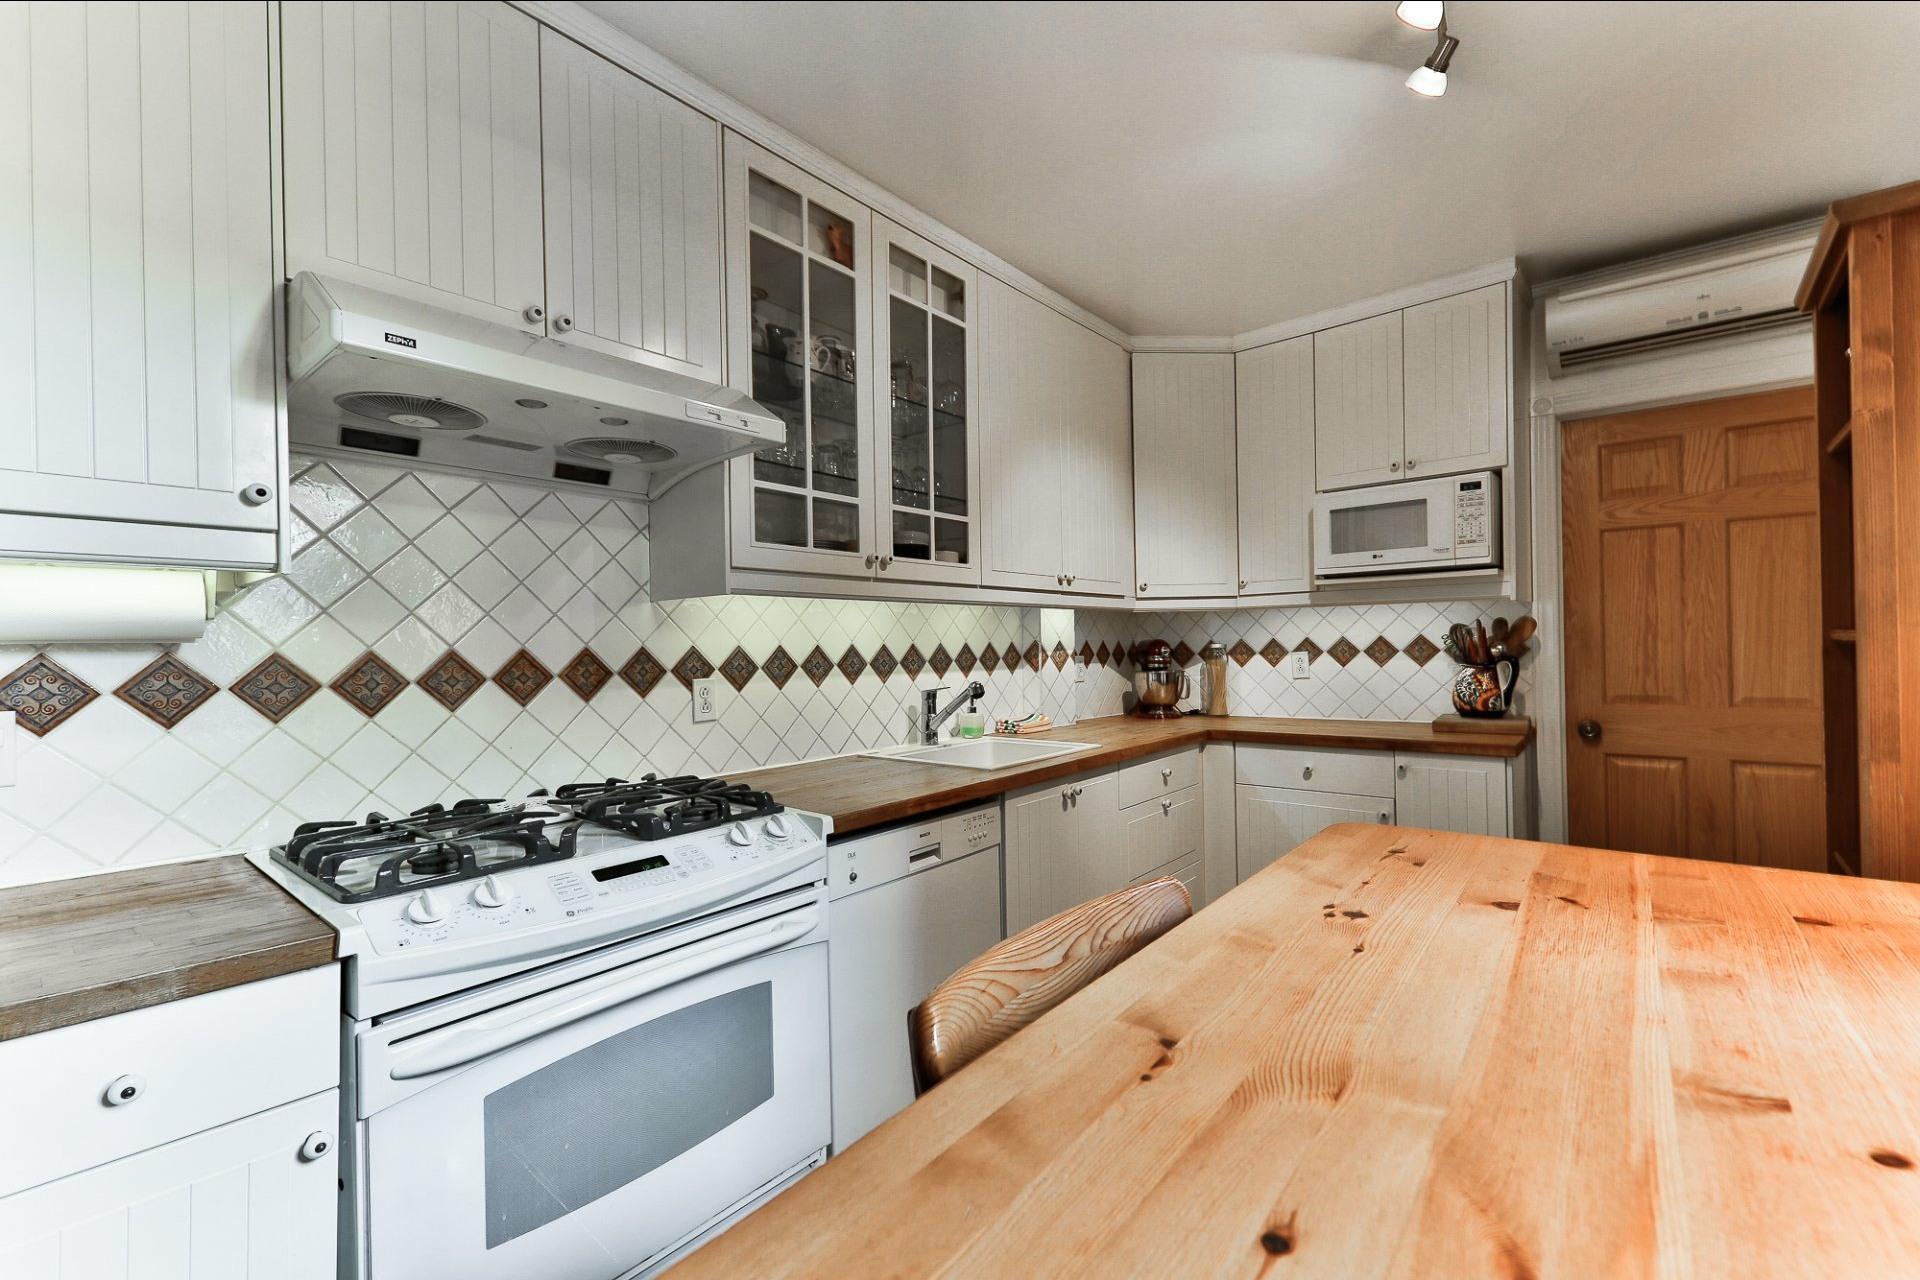 image 19 - Appartement À vendre Le Plateau-Mont-Royal Montréal  - 7 pièces